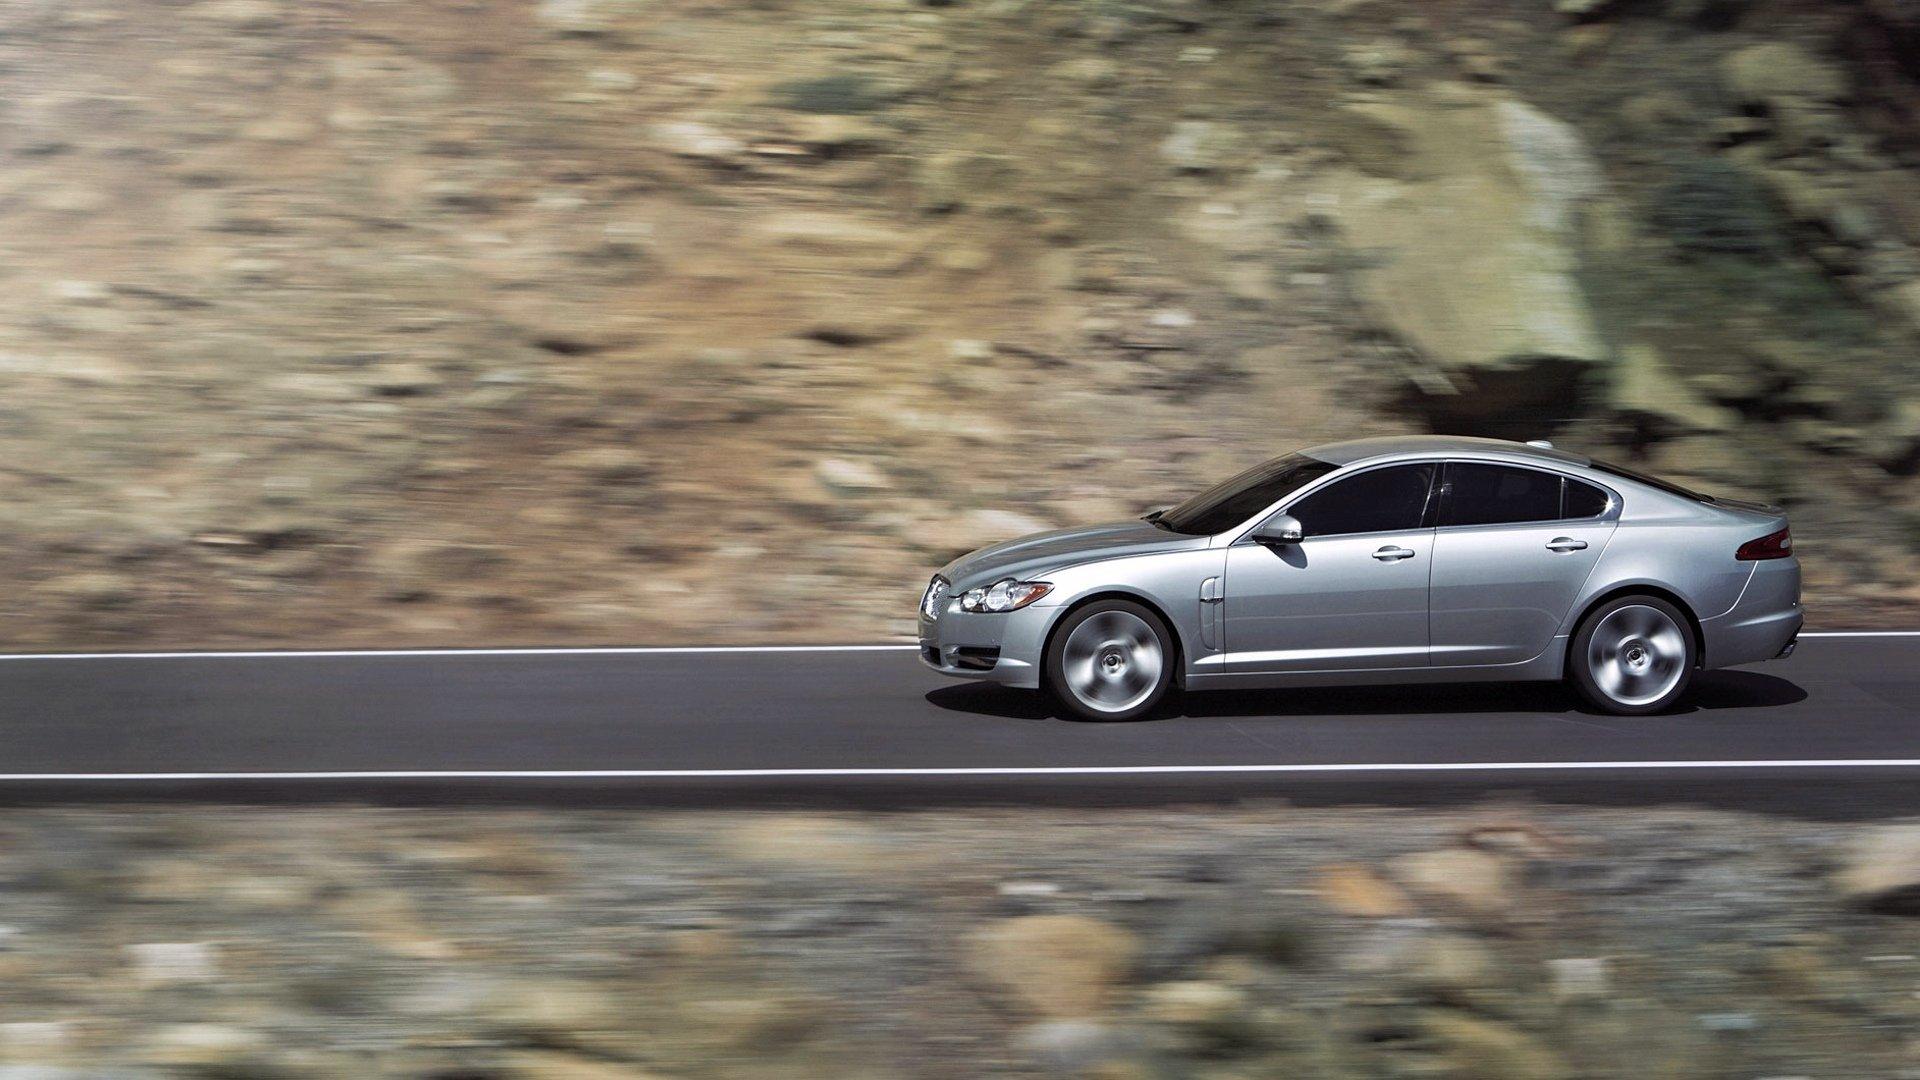 Jaguar Car Wallpapers 1920x1080 Full HD (1080p) Desktop